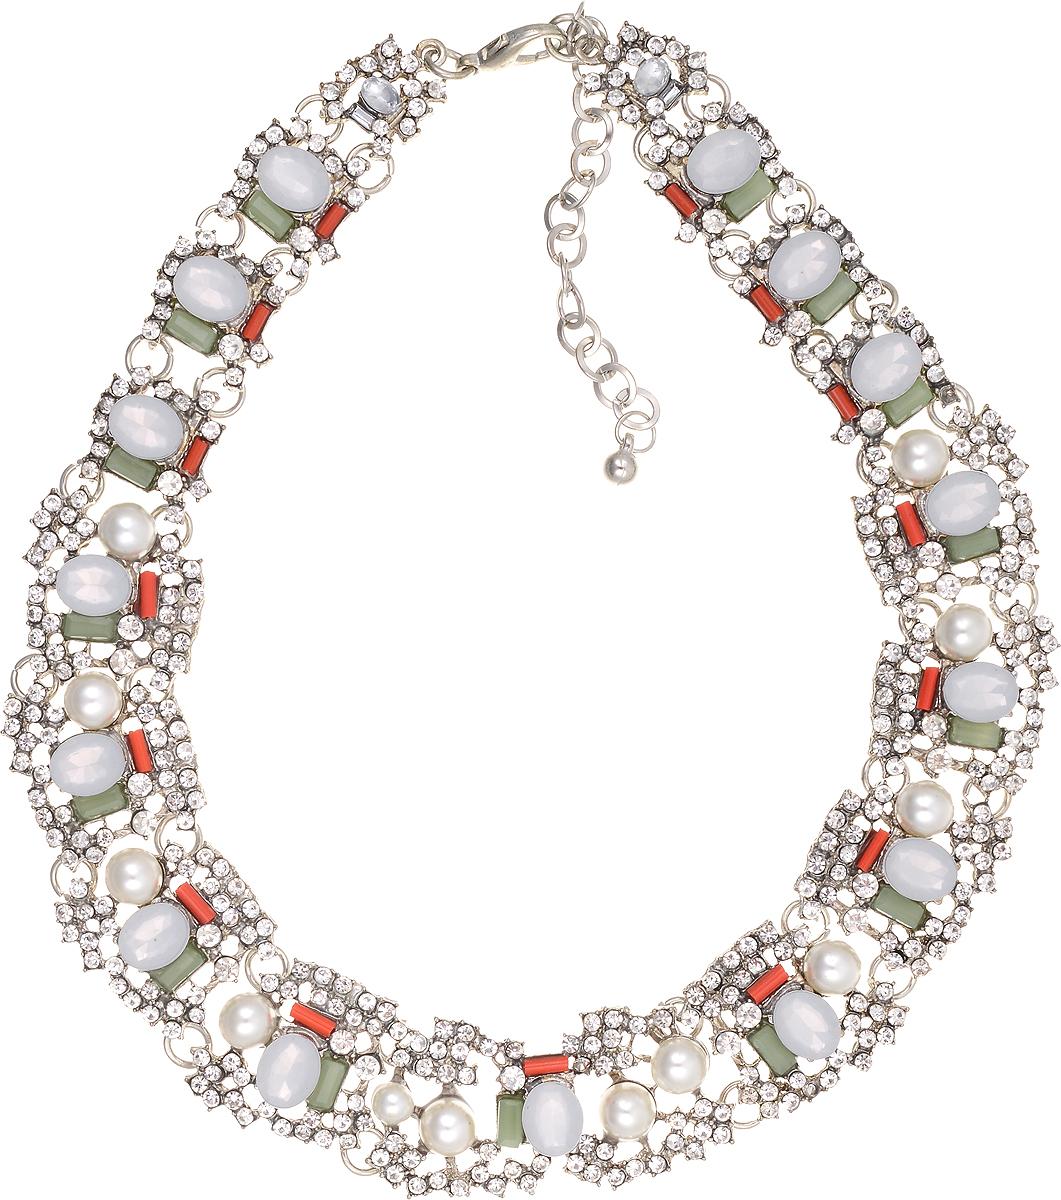 Колье Bradex Маргарет, цвет: серебряный. AS 0008AS 0008Колье Bradex Маргарет выполнено из меди и оформлено декоративными вставками из искусственных камней и страз. Изделие застегивается на замок-карабин, а длина регулируется с помощью звеньев.